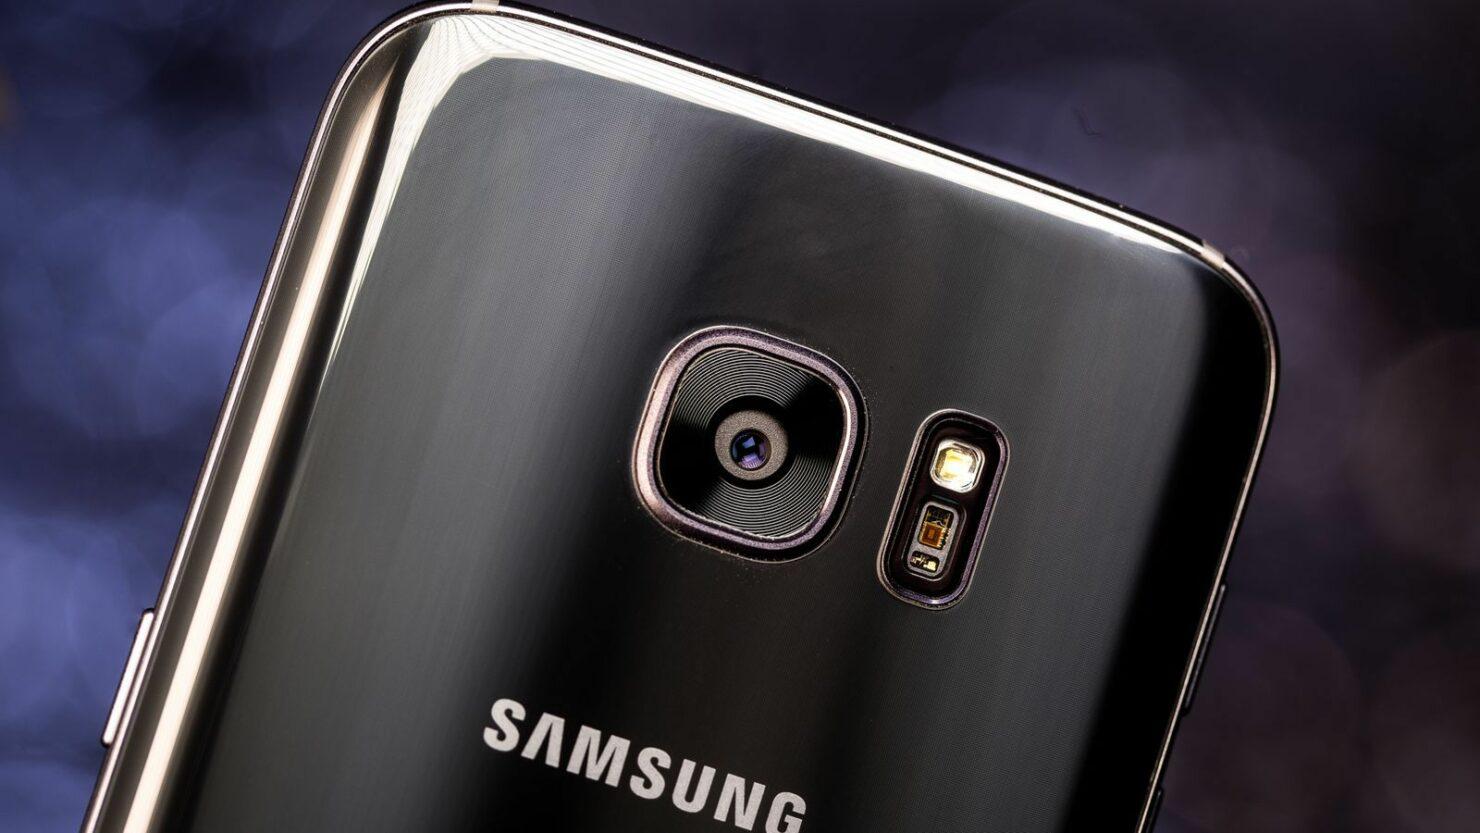 Galaxy S8 Galaxy S8 Plus size comparison